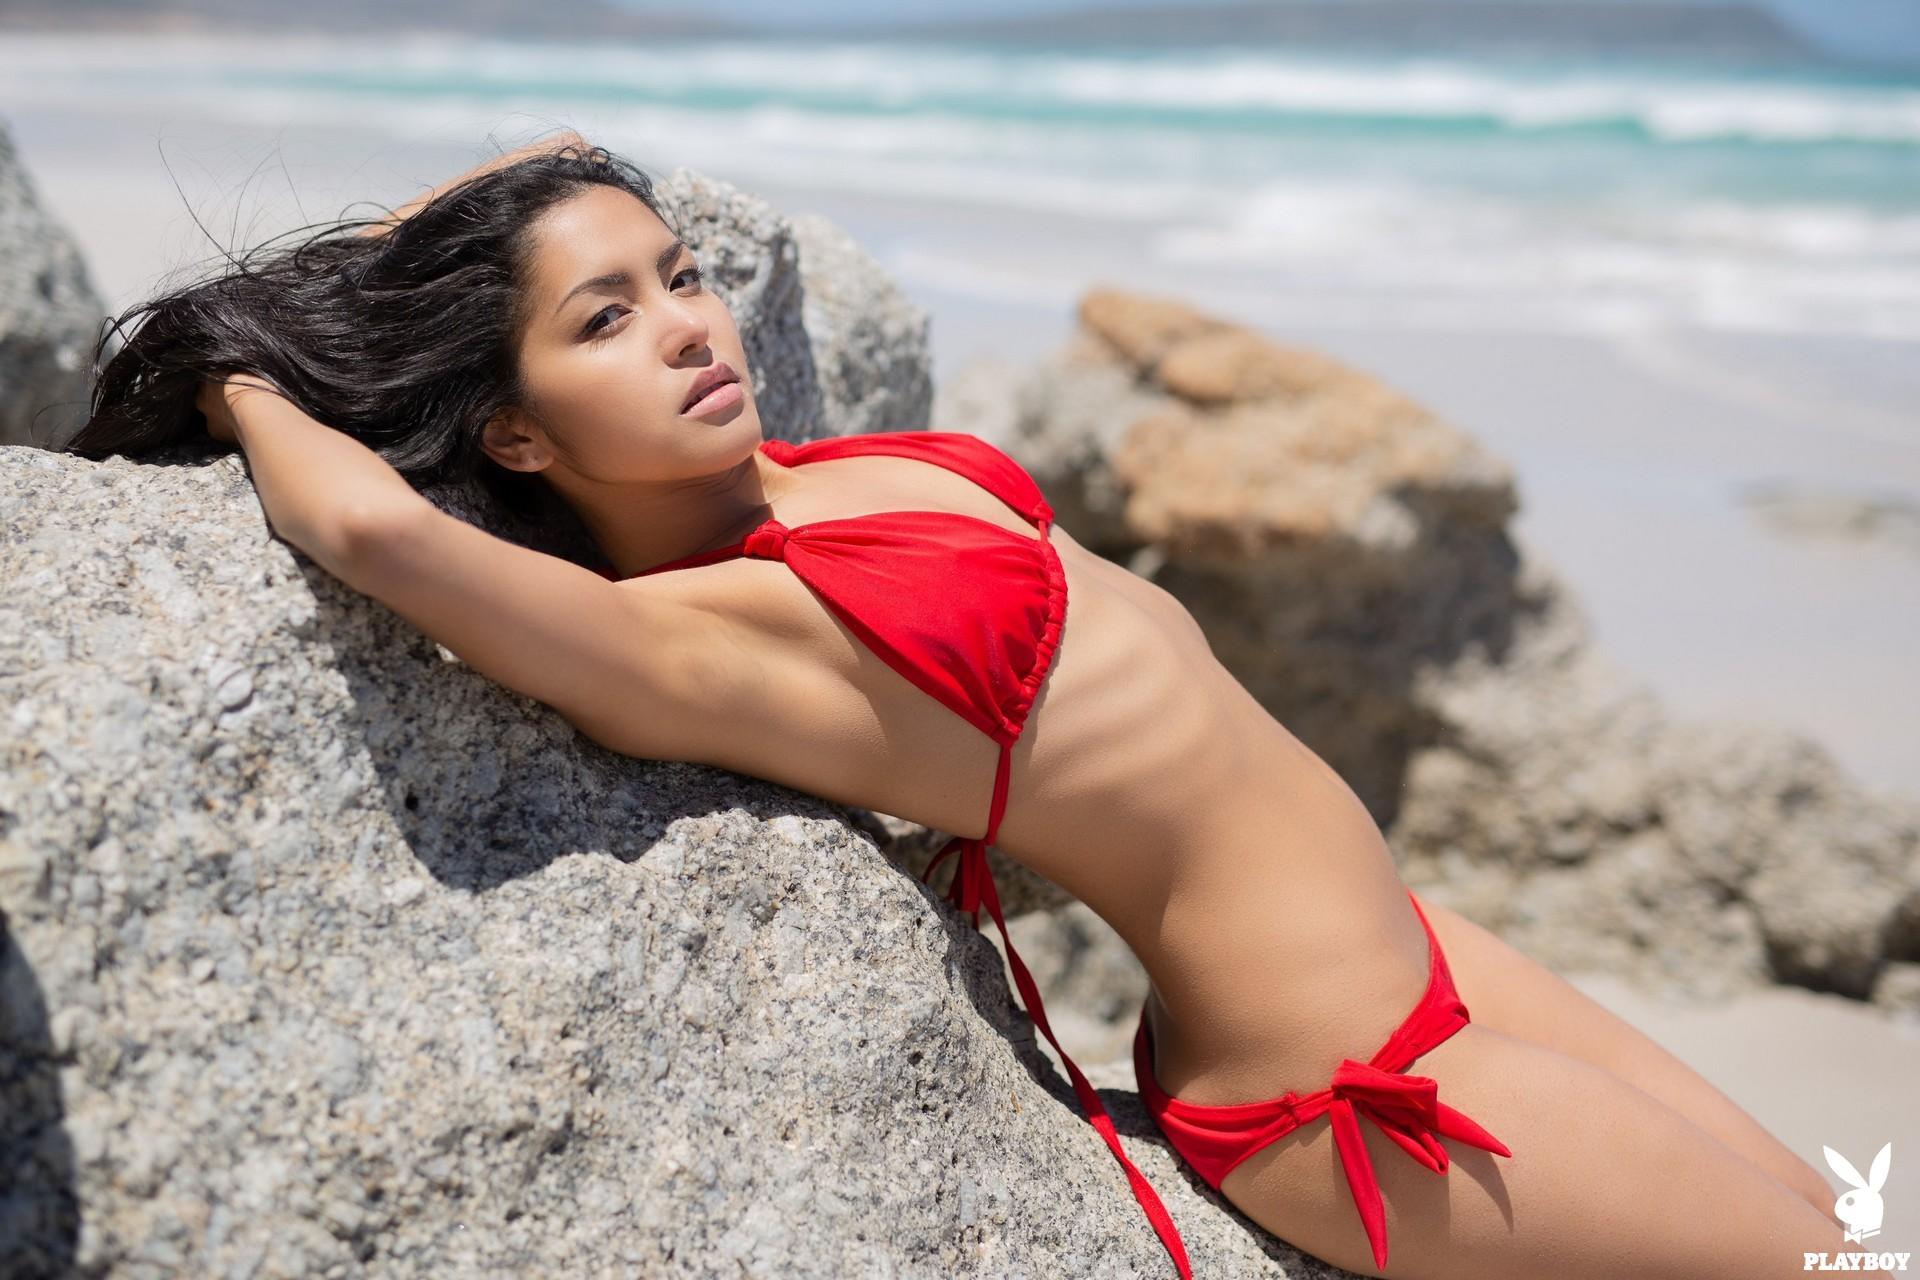 Chloe Rose in Windswept - Playboy Plus 5